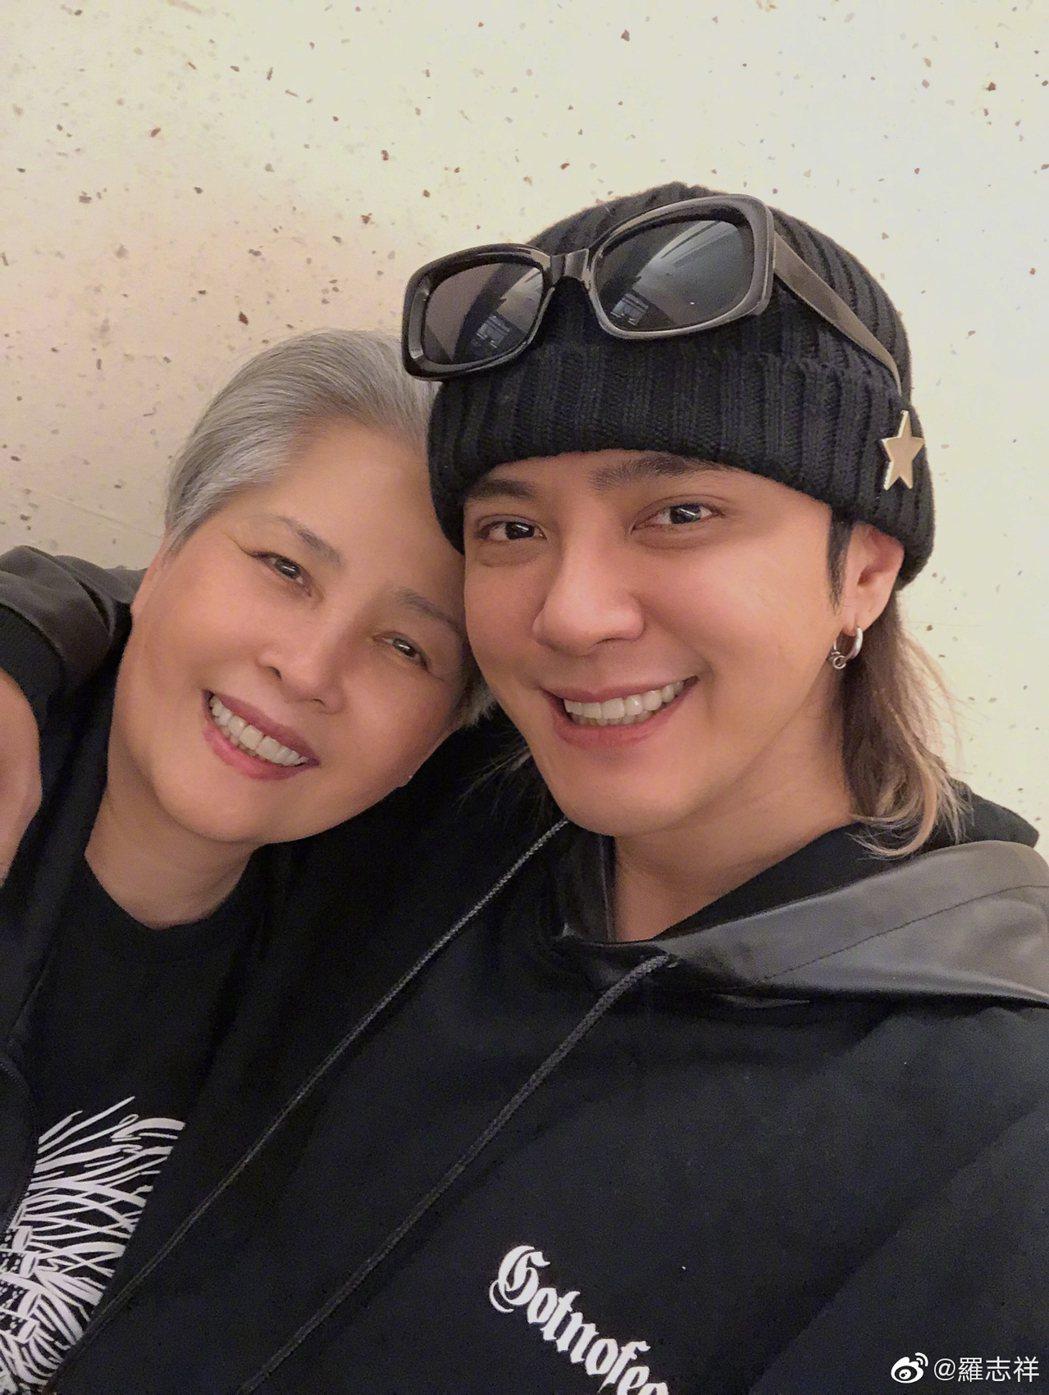 羅志祥(右)和媽媽感情非常緊密。圖/摘自微博